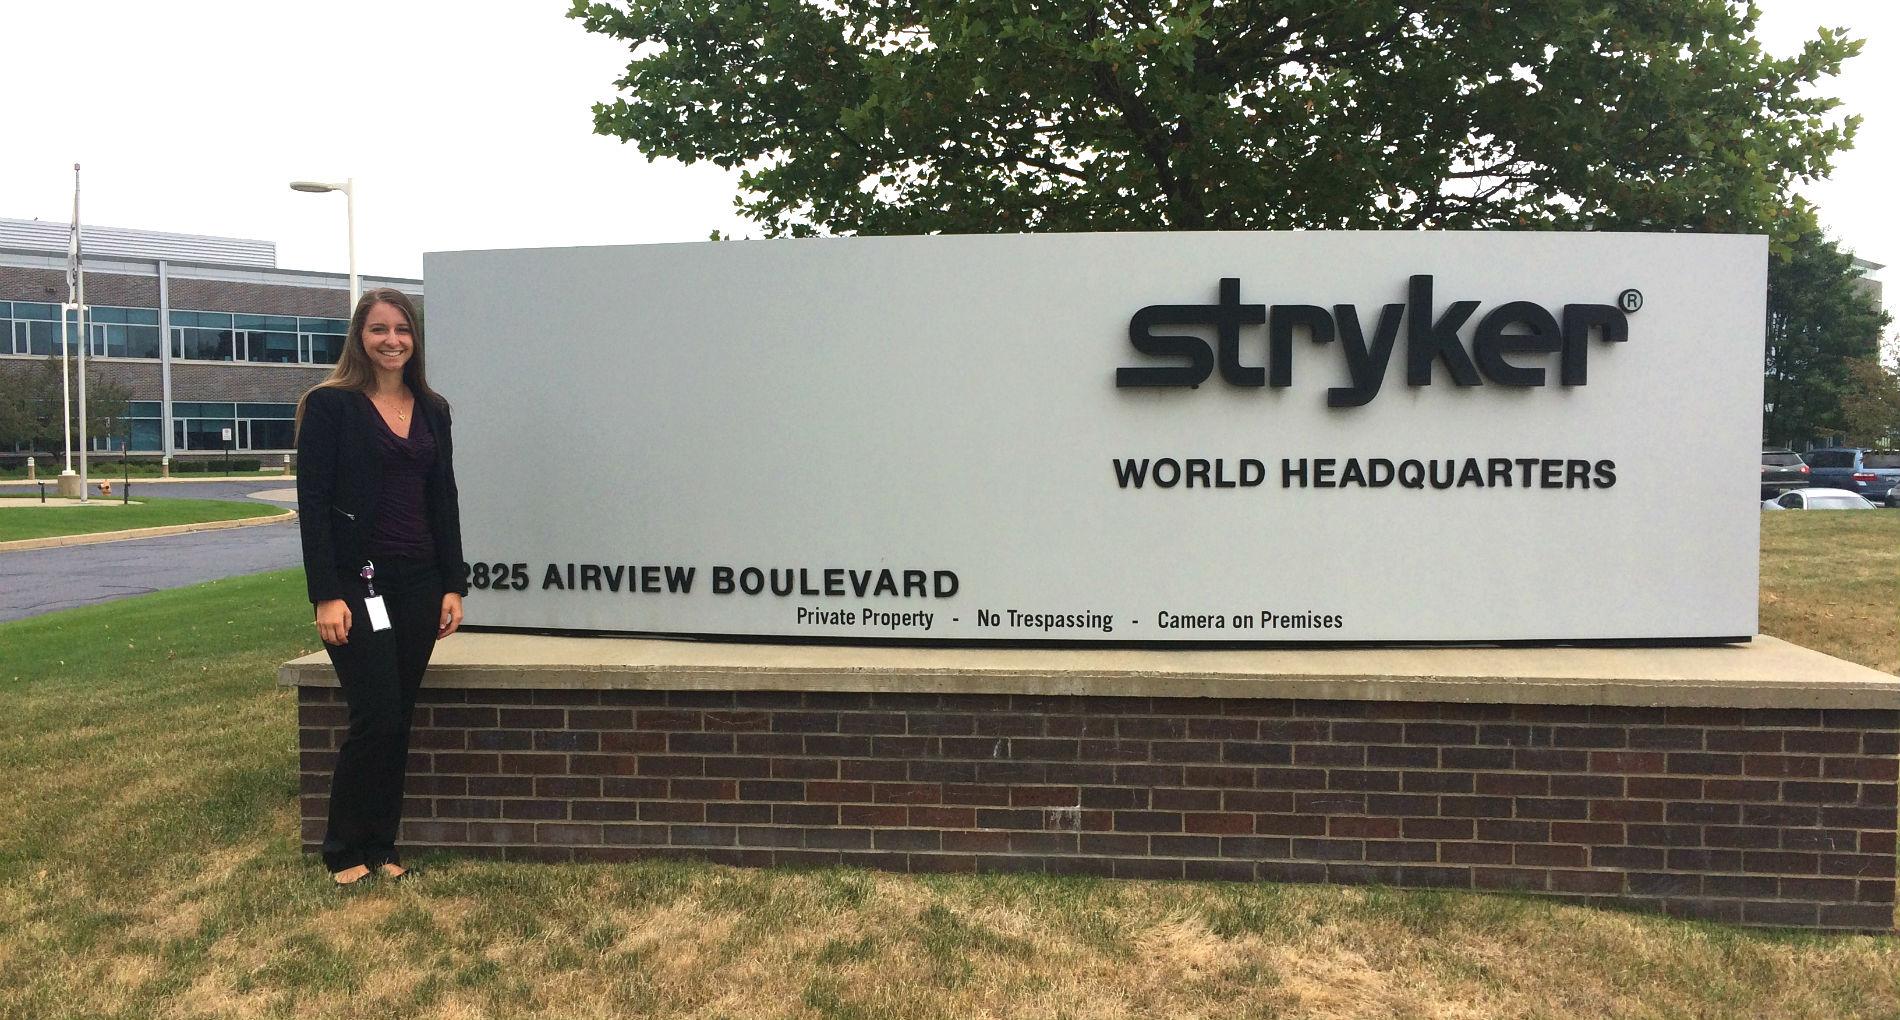 Attaining Hands-On Experience at Stryker Internship